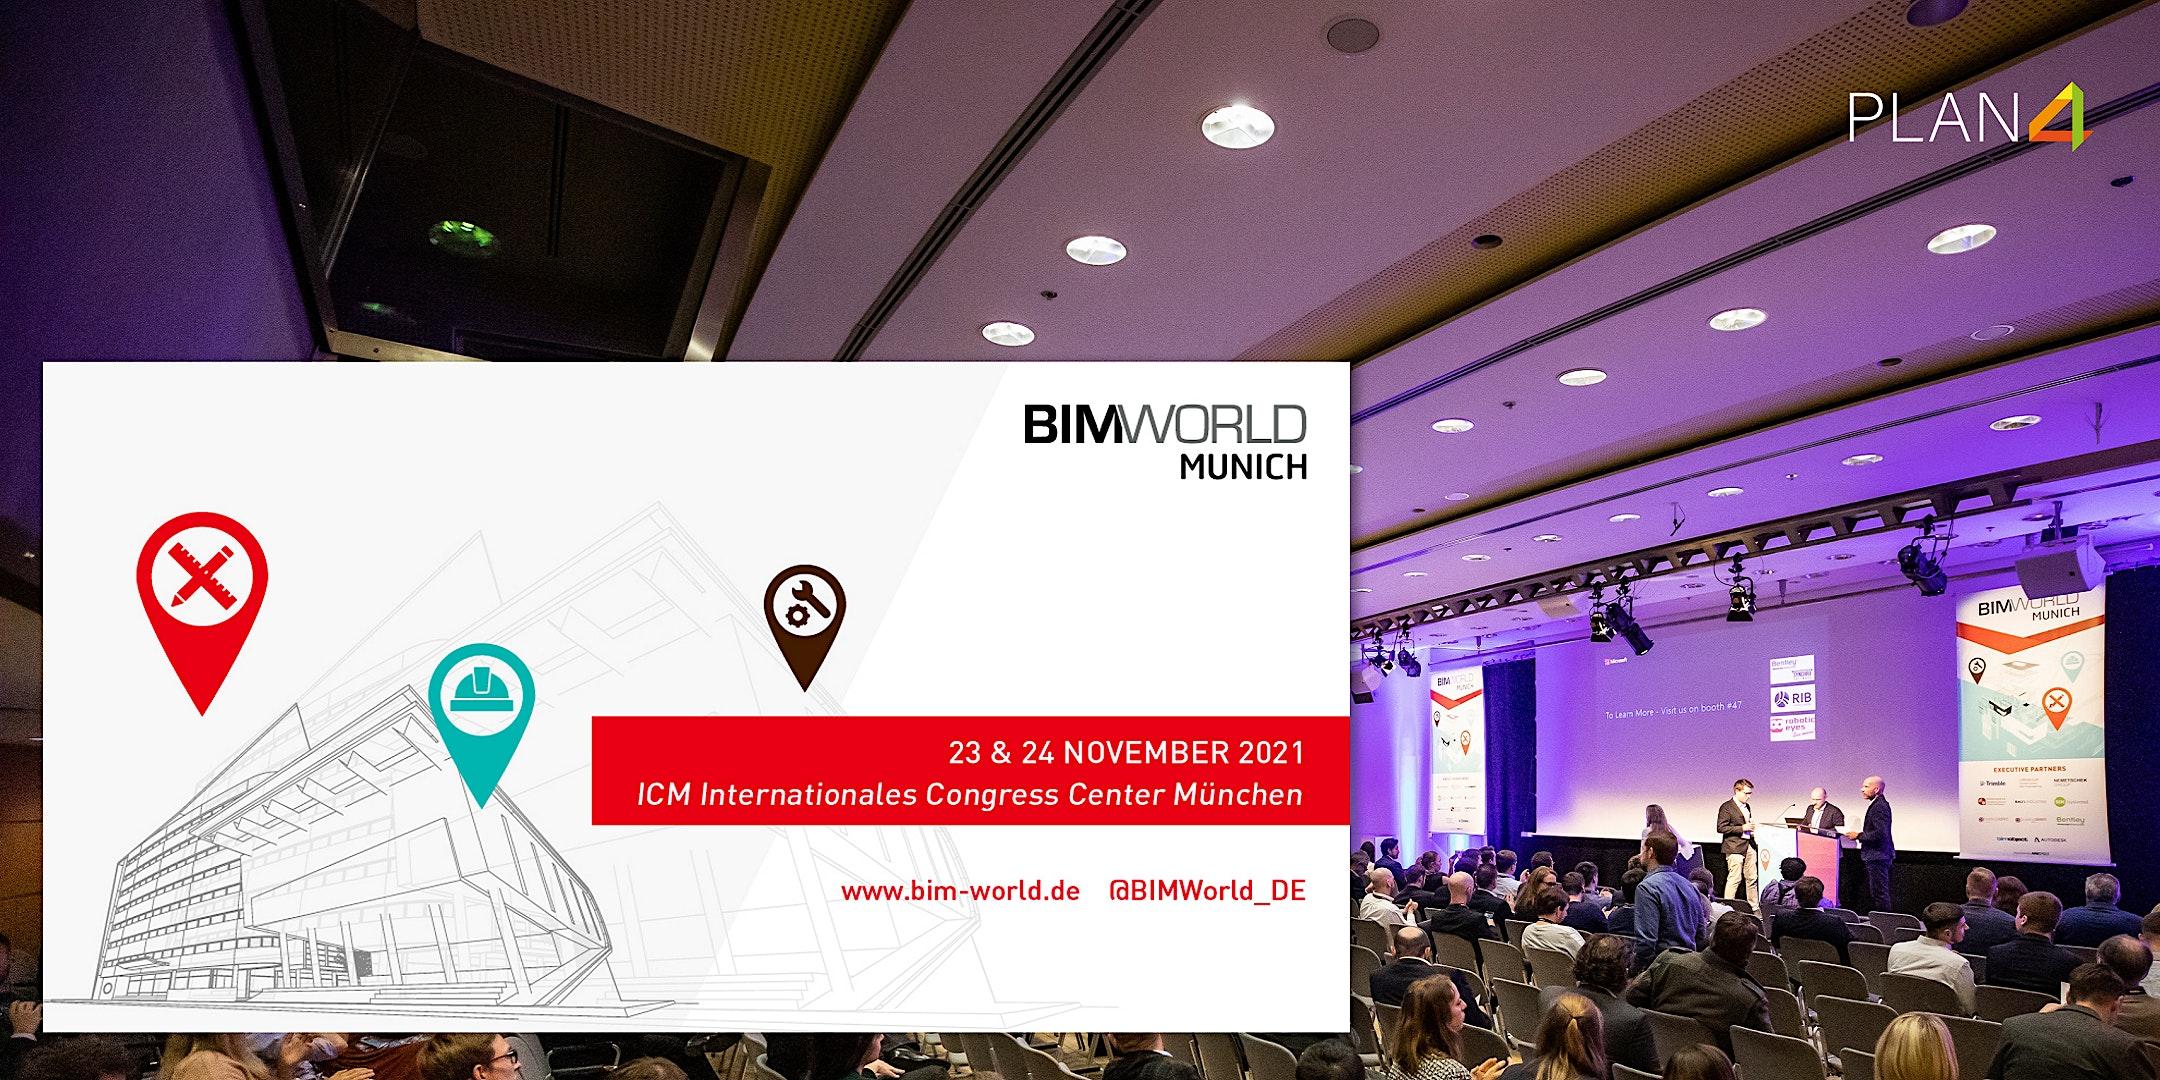 Die BIM World in München – Treffen Sie uns auf der Messe!